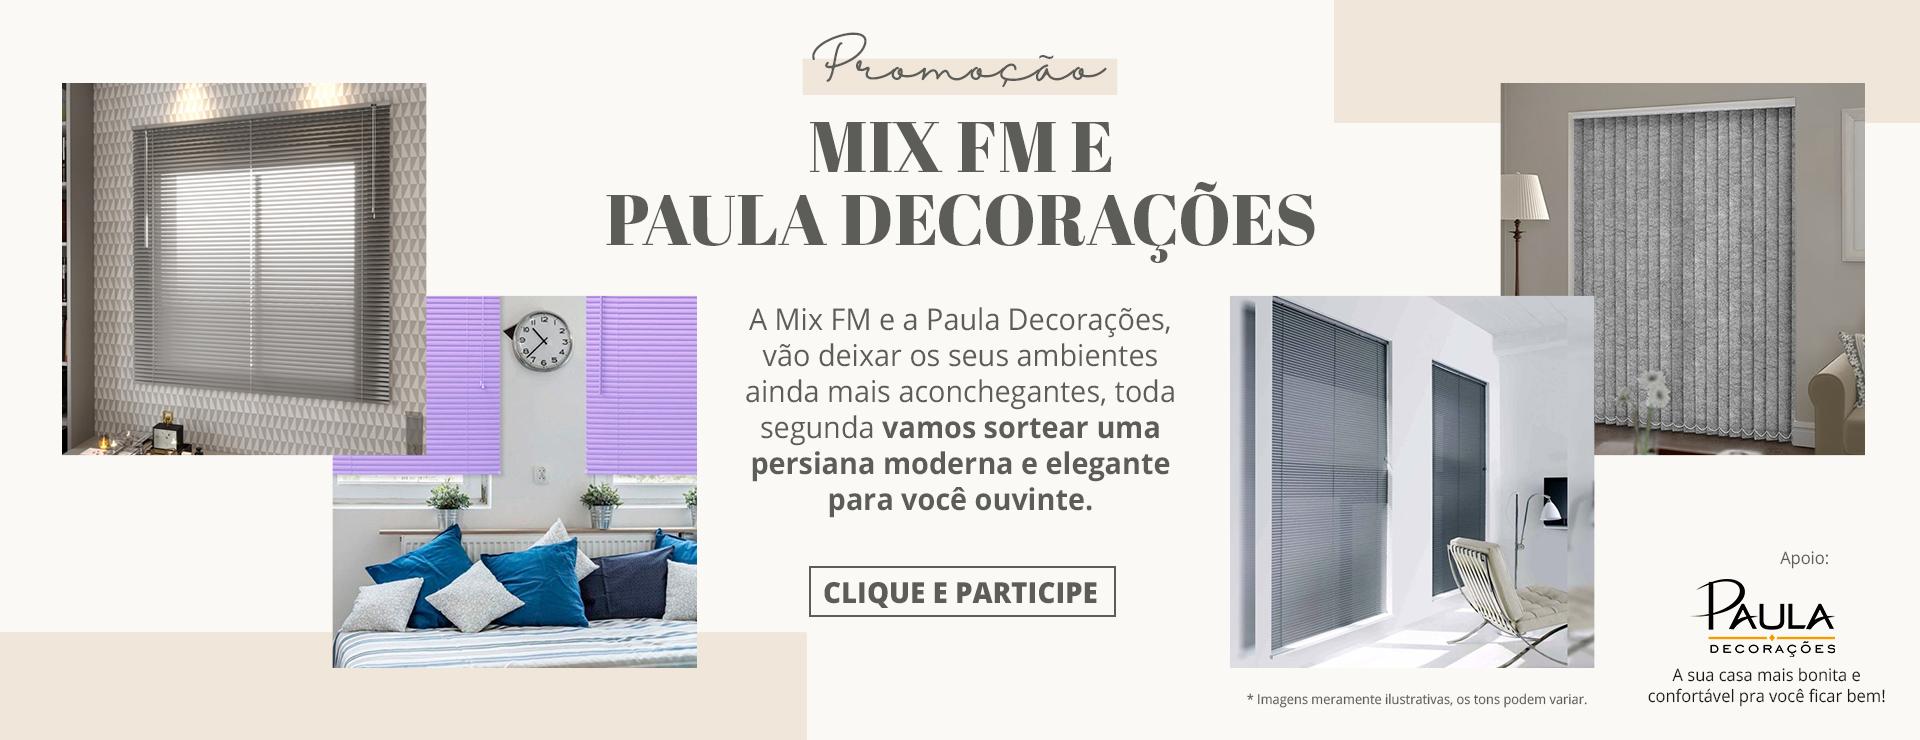 Promoção Mix FM e PAULA DECORAÇÕES